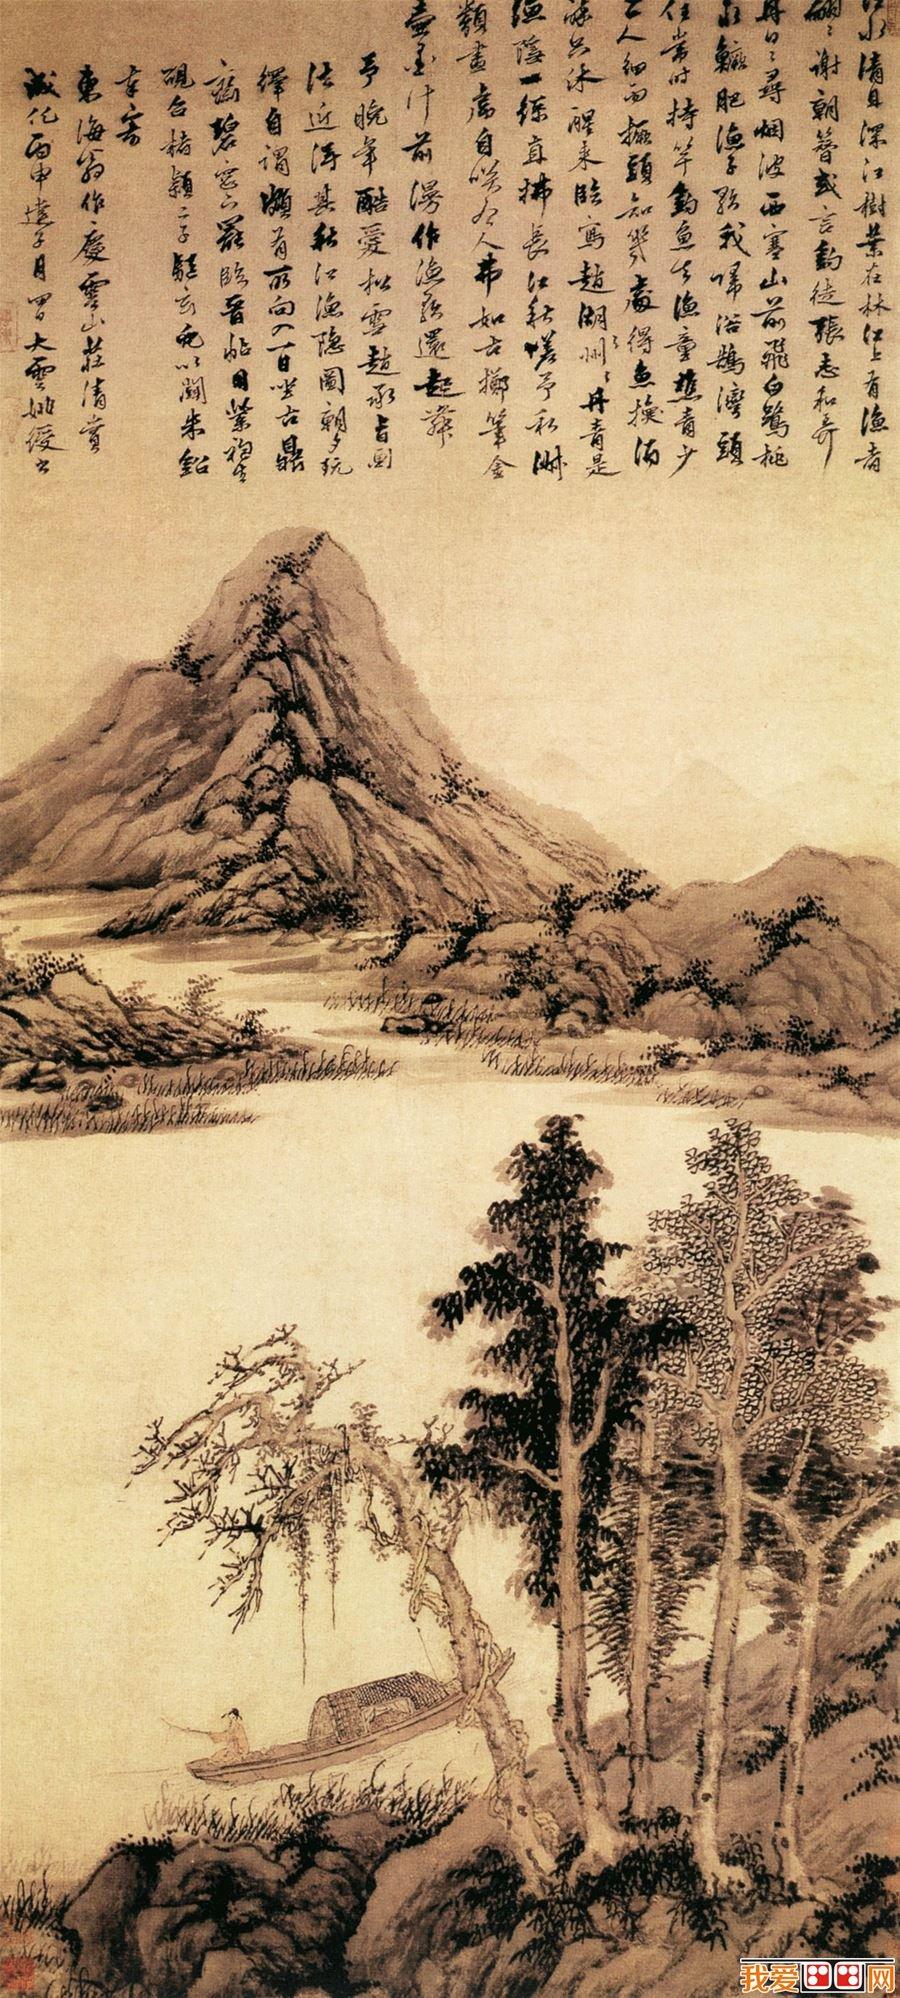 百科 著名画家 中国古代画家 > 元代画家吴镇山水画作品赏析(2)图片